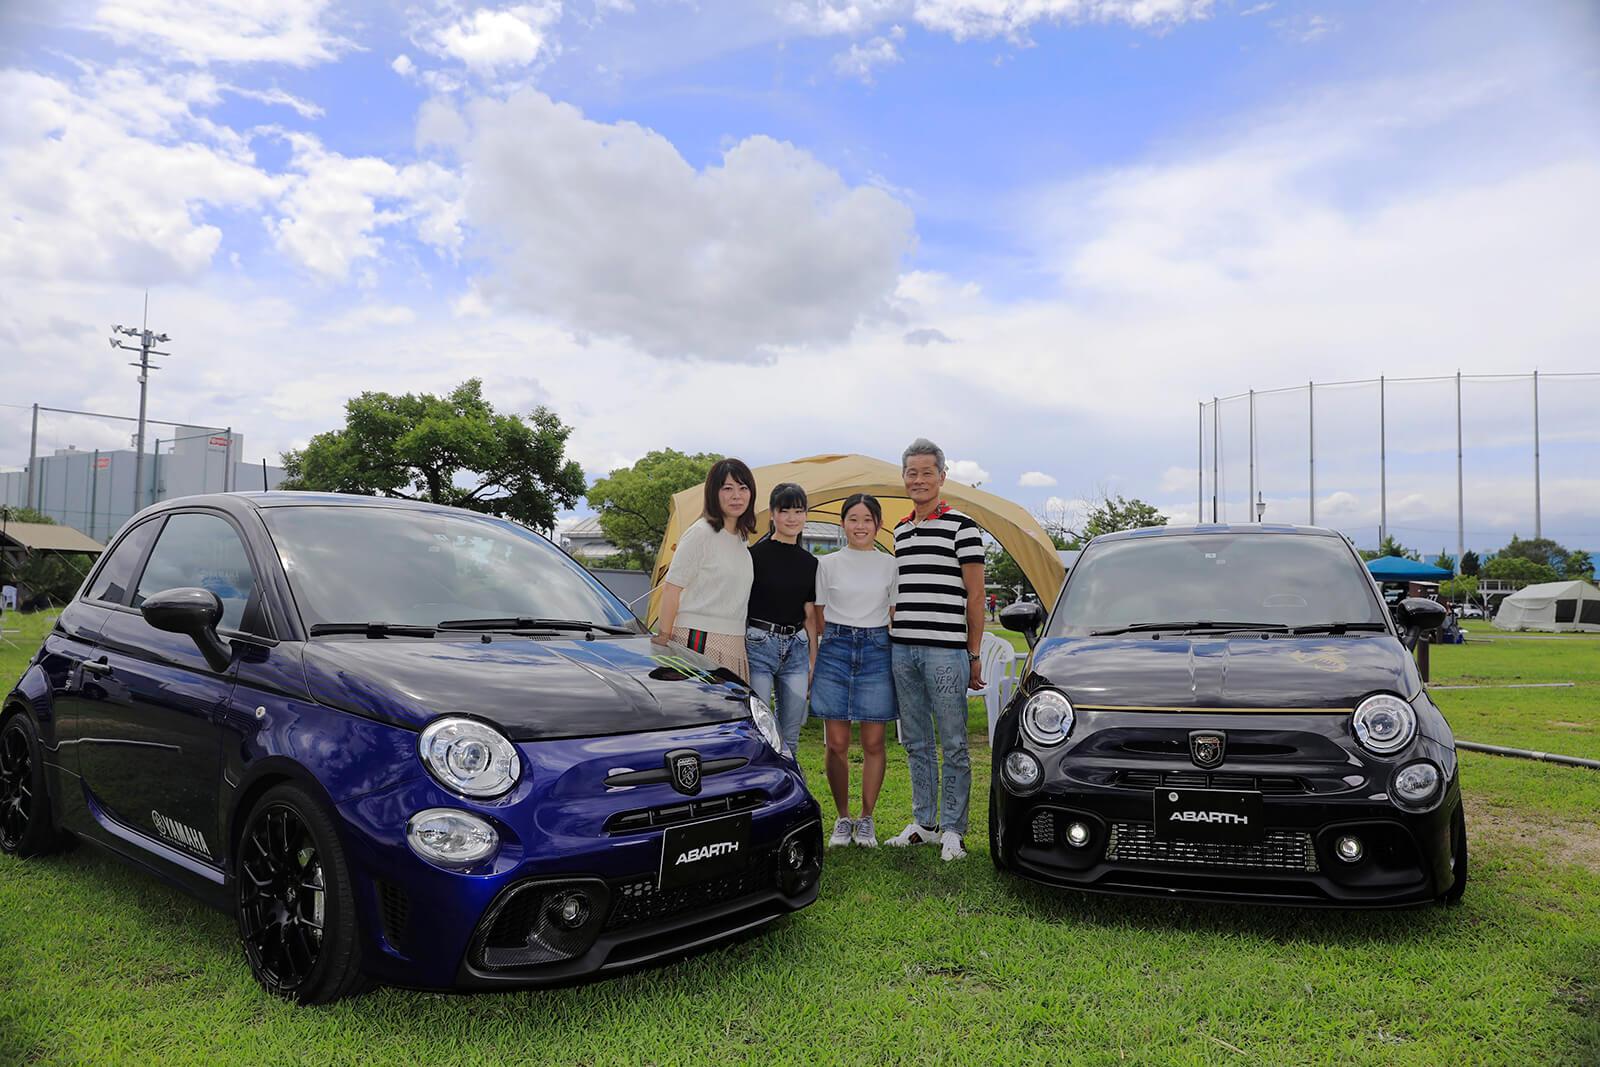 ご主人と奥さまそれぞれがMyアバルトを満喫 アバルトライフFile.38 濱岡さんファミリーと595 Scorpioneoro & 595 Monster Energy Yamaha